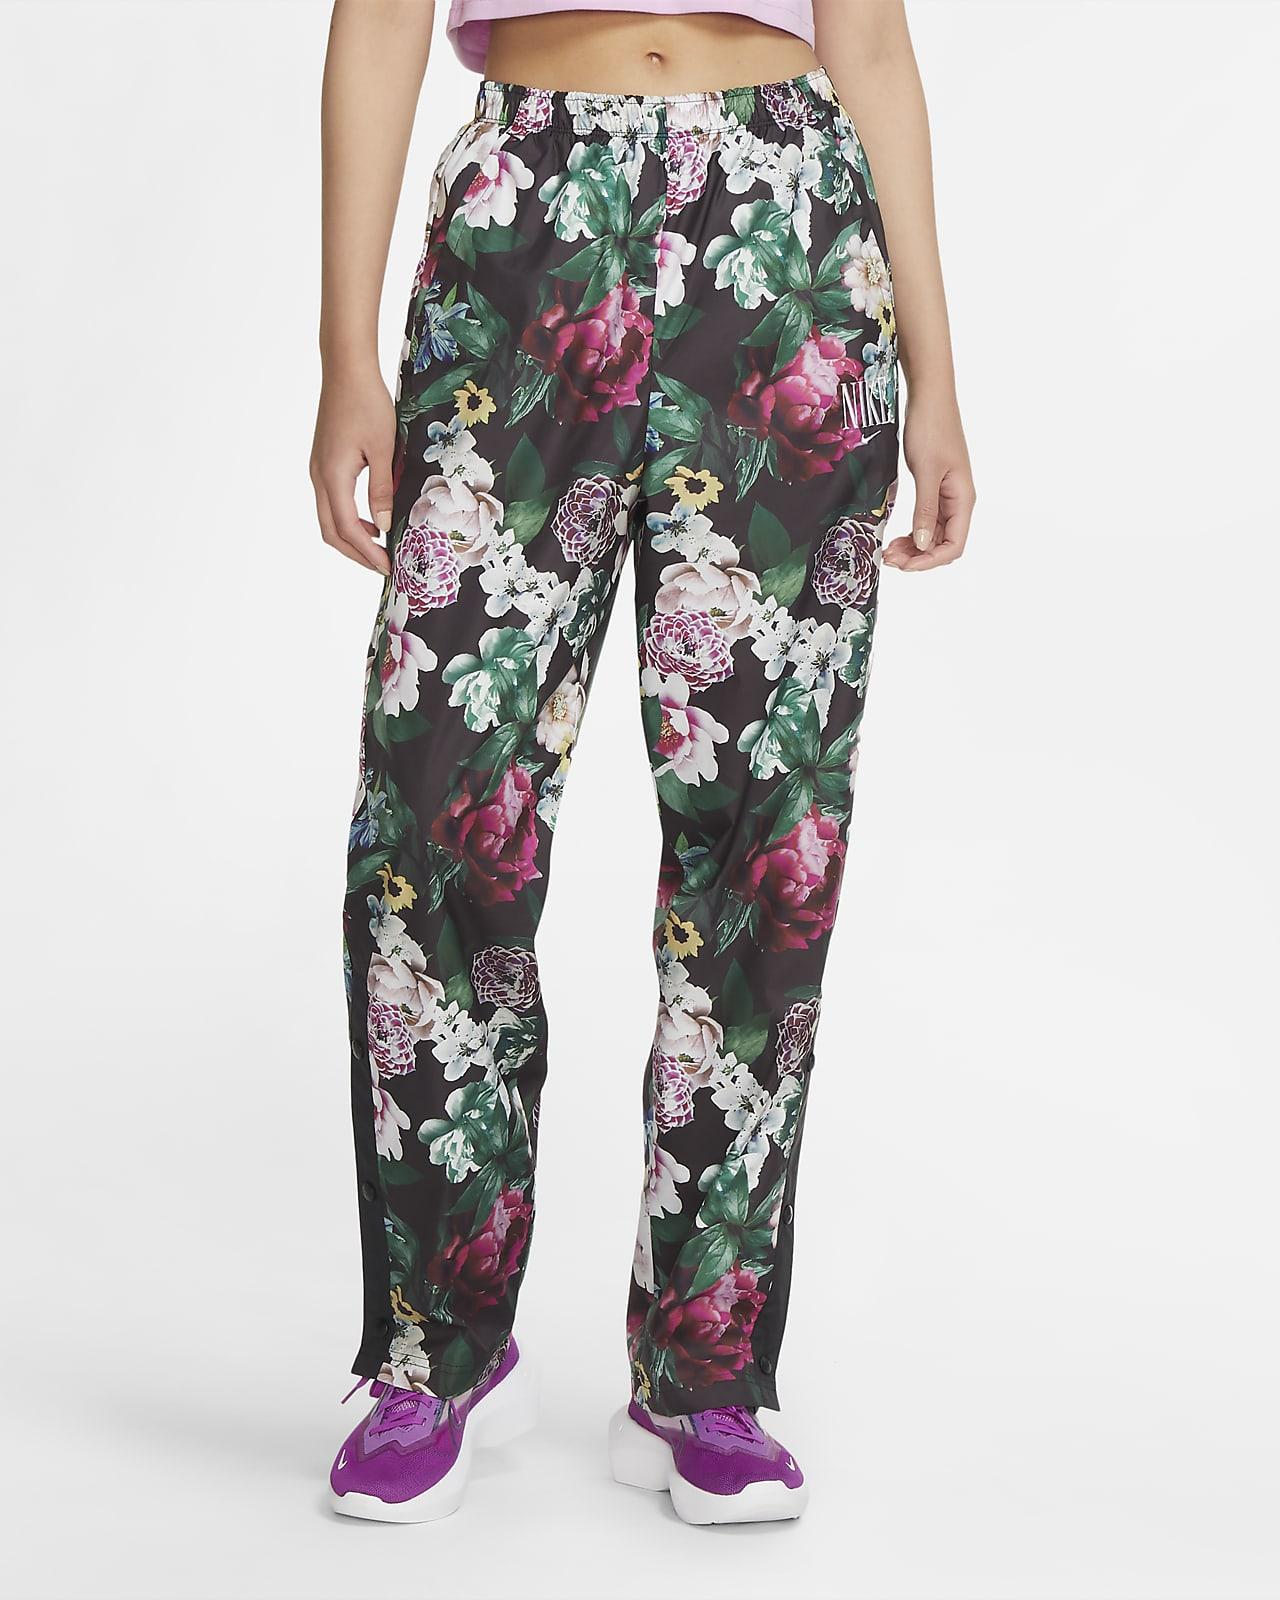 Nike Sportswear Women's Woven Pants